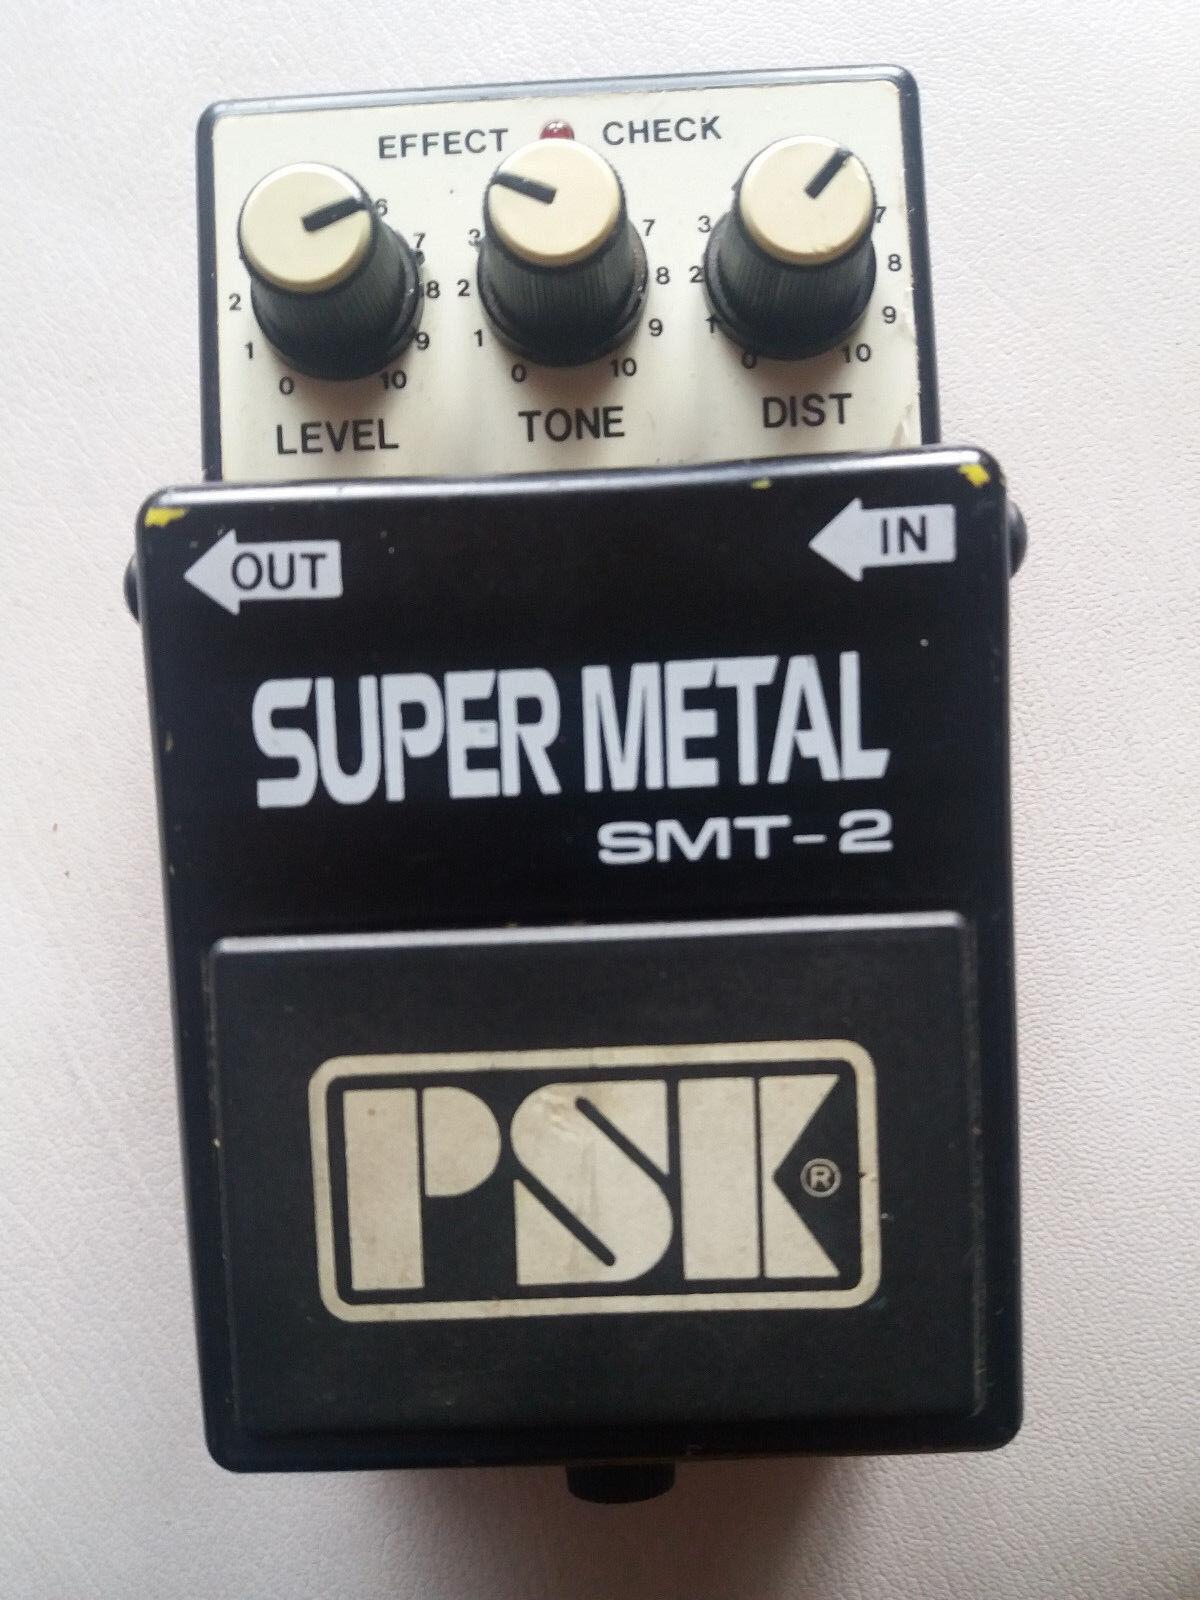 merce di alta qualità e servizio conveniente e onesto RARE Vintage PSK smt-2 smt-2 smt-2 SUPER METAL DISTORTION PEDALE  acquisto limitato